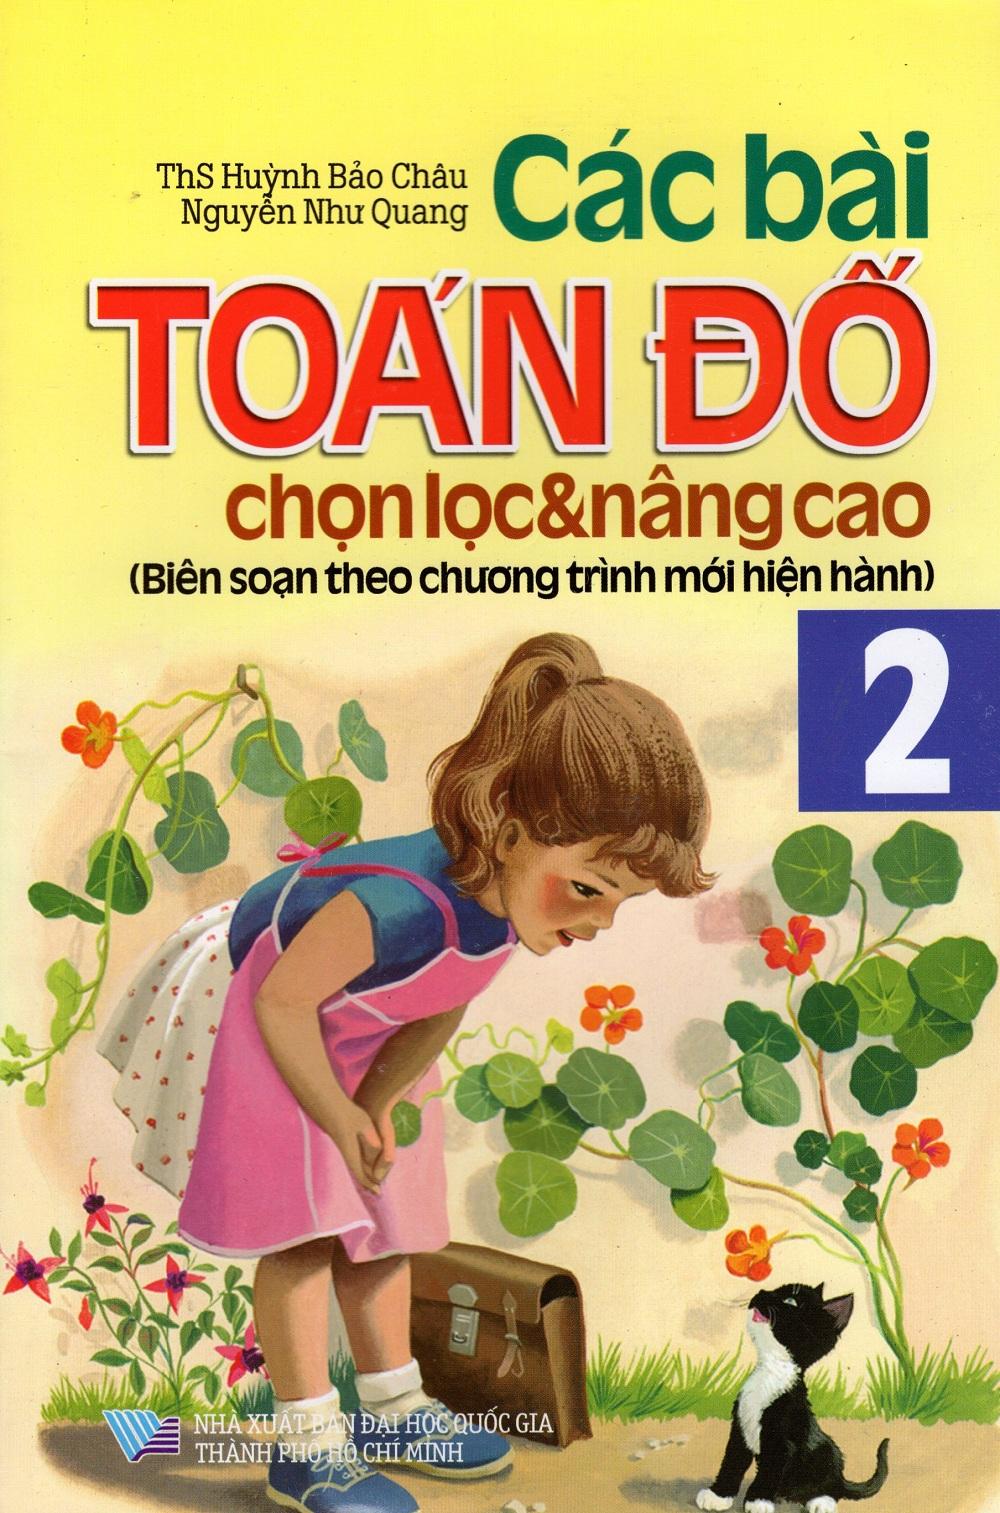 Các Bài Toán Đố Chọn Lọc  Nâng Cao Lớp 2 - 8935083553353,62_227217,19000,tiki.vn,Cac-Bai-Toan-Do-Chon-Loc-Nang-Cao-Lop-2-62_227217,Các Bài Toán Đố Chọn Lọc  Nâng Cao Lớp 2